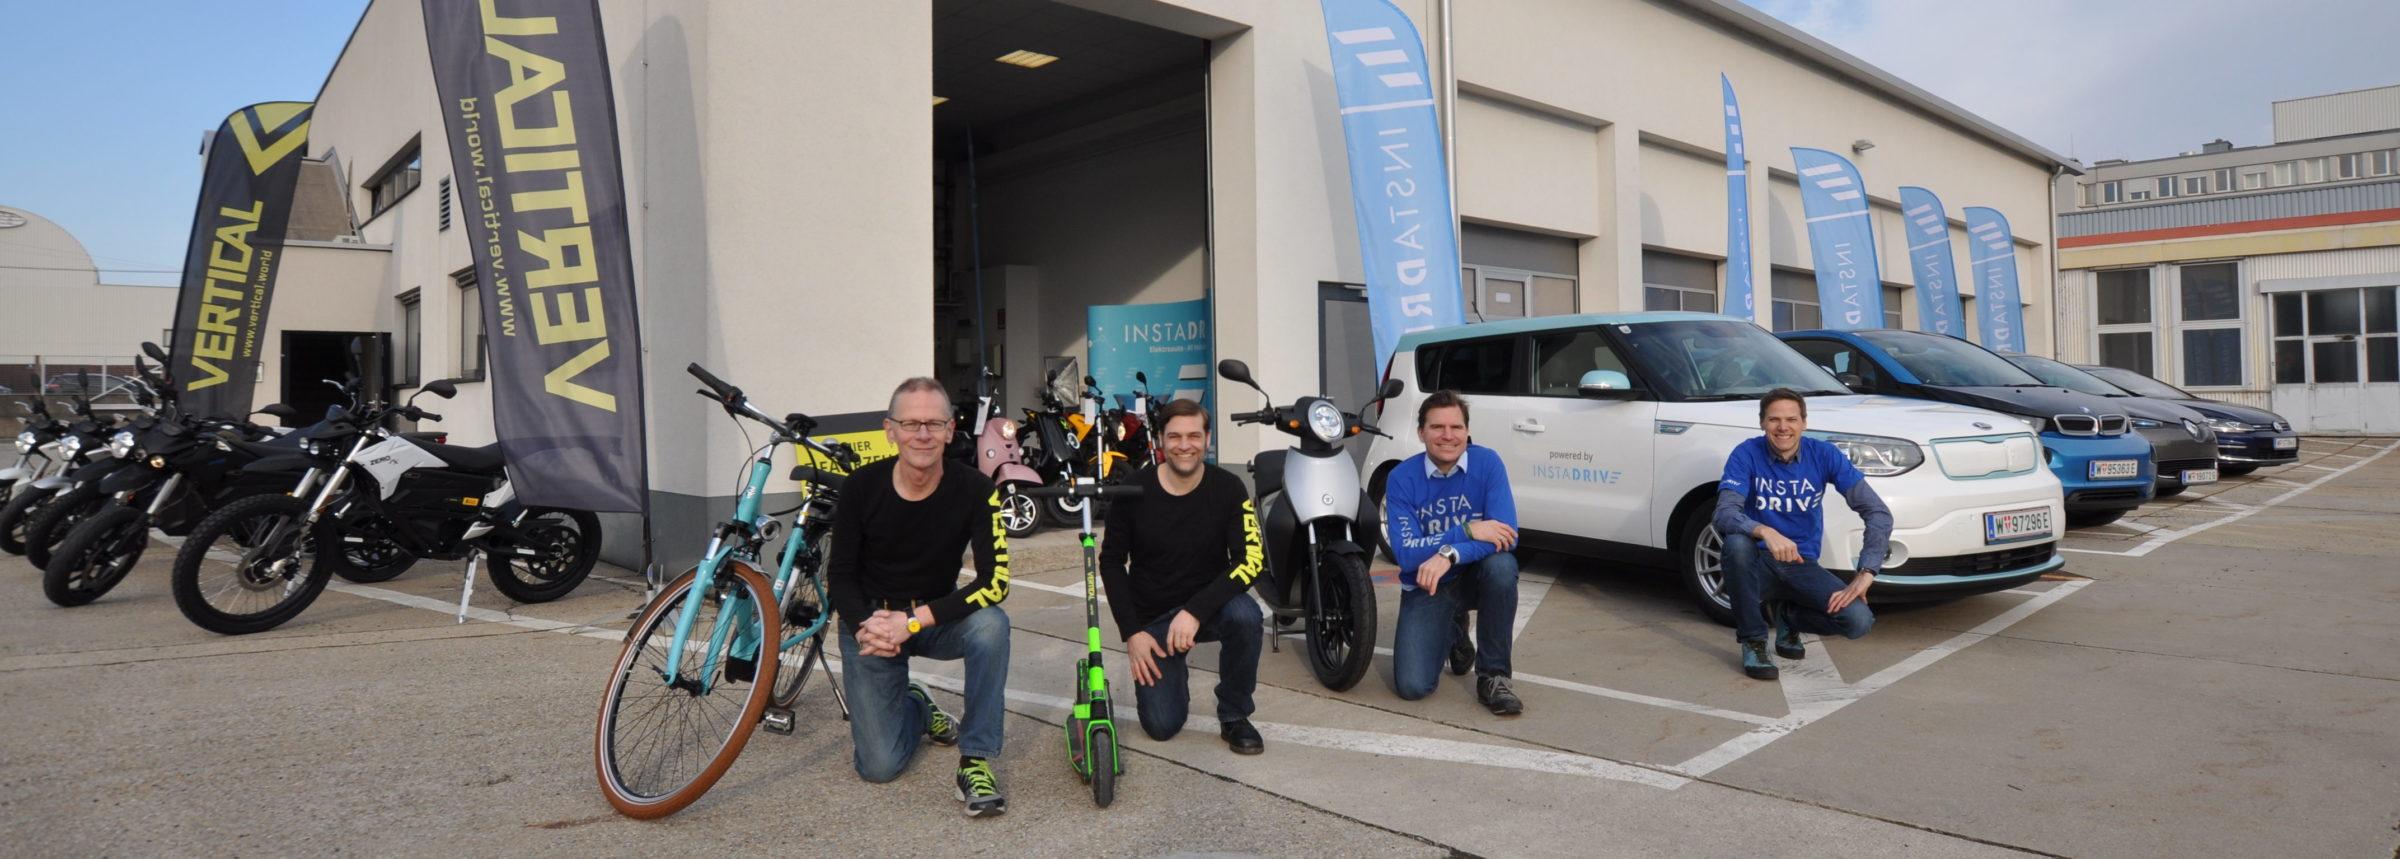 ÖGV Neuigkeiten Jungunternehmer: 3in1:E-Mobilität im Vormarsch